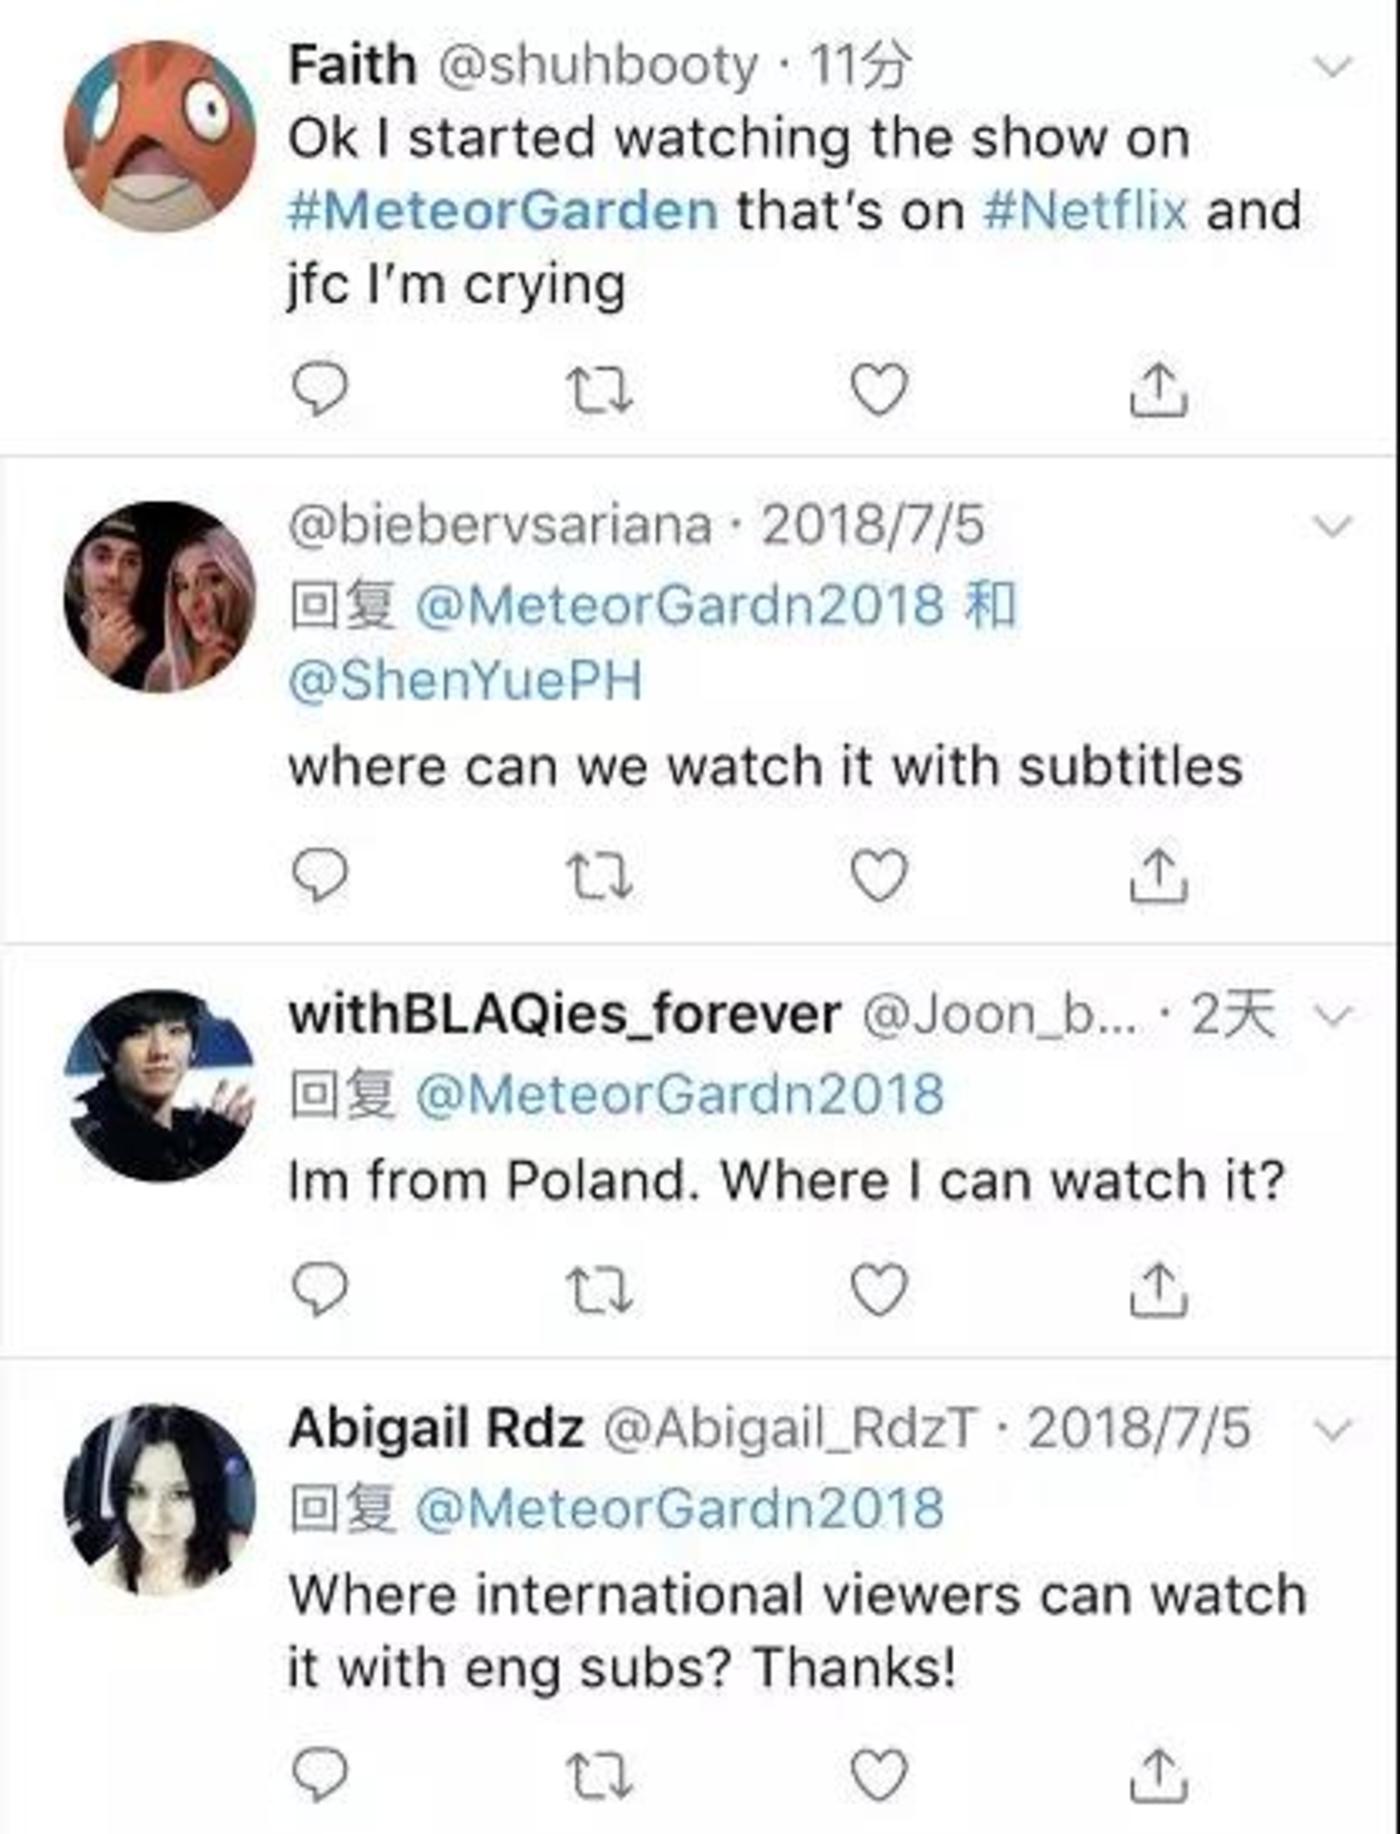 海外网友表示:开始看《流星花园》的我已经哭了!